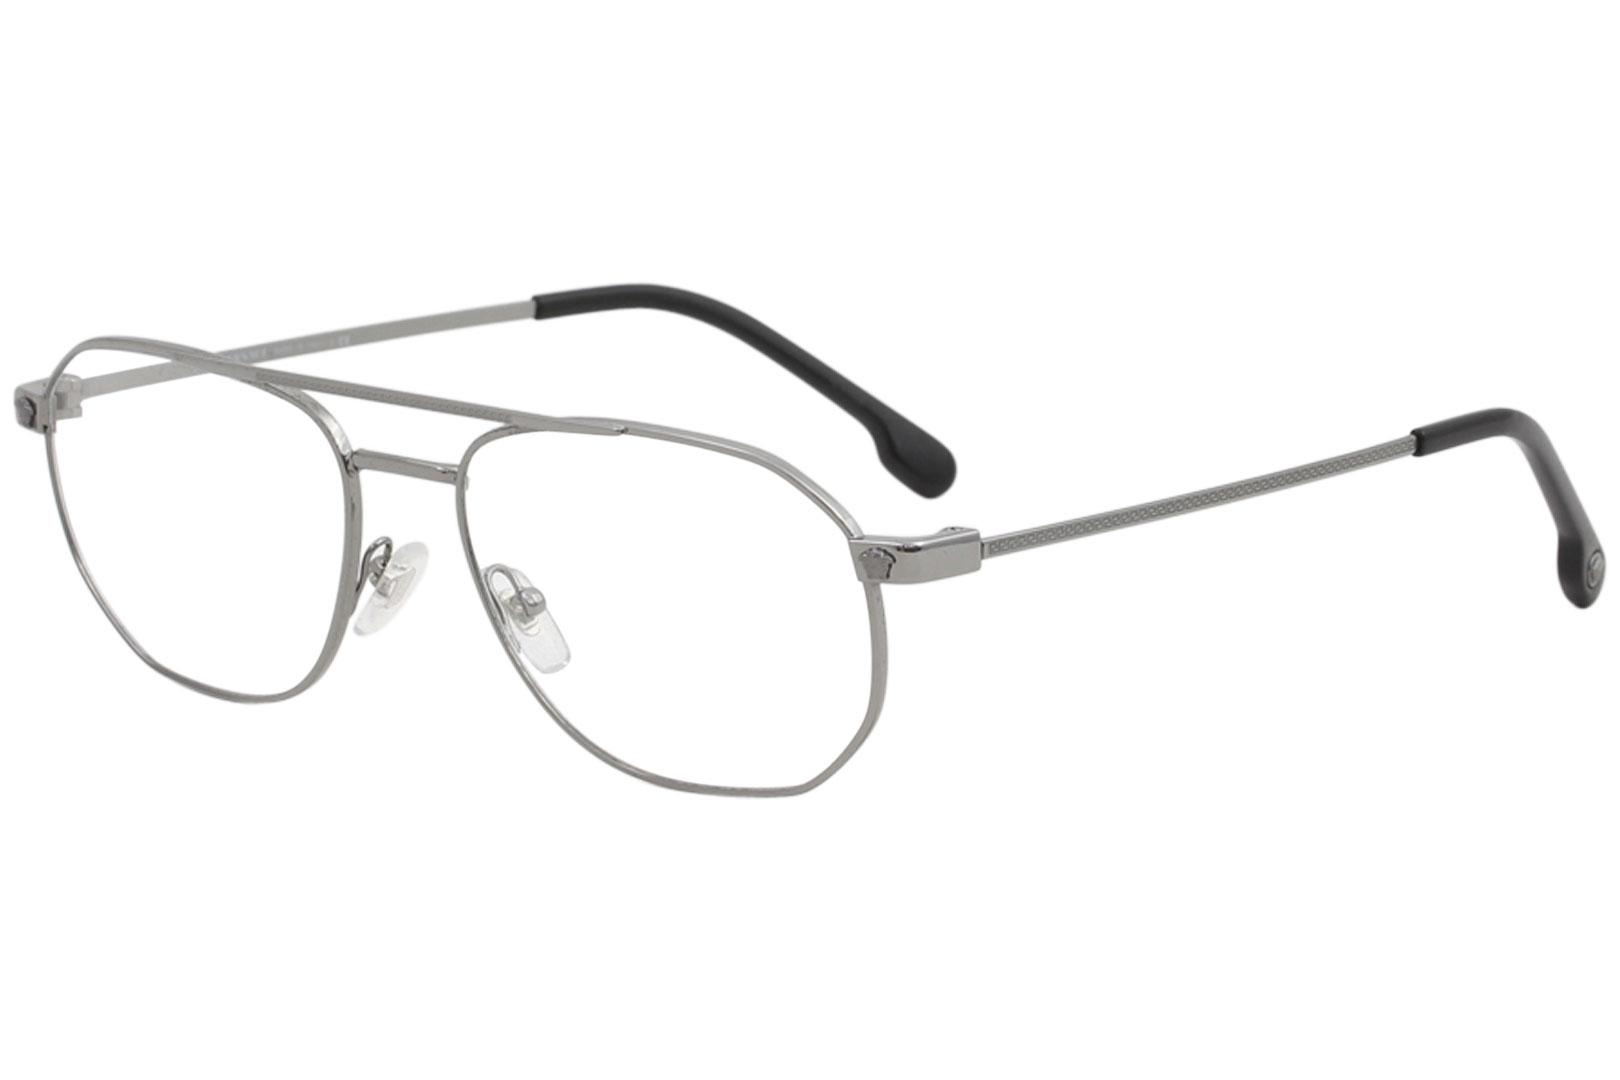 9672d642528f Versace Men's Eyeglasses VE1252 VE/1252 Full Rim Optical Frame